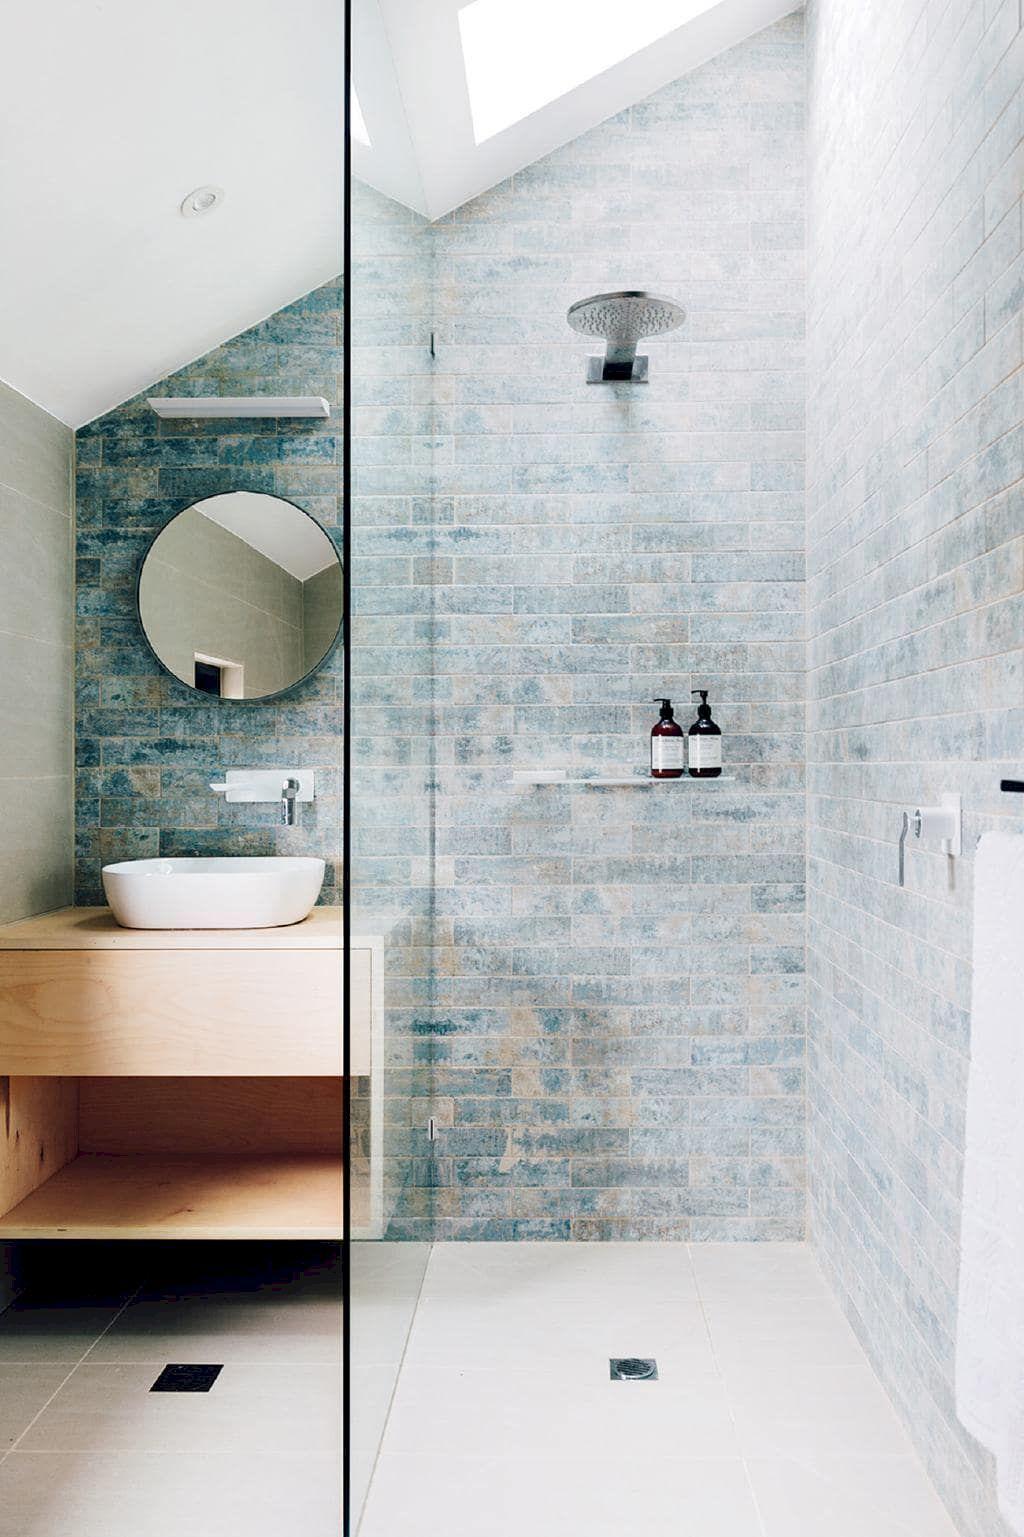 Tiles Ideas For Small Bathroom 82 Shairoom Com Small Bathroom Bathroom Renovations Bathroom Inspiration